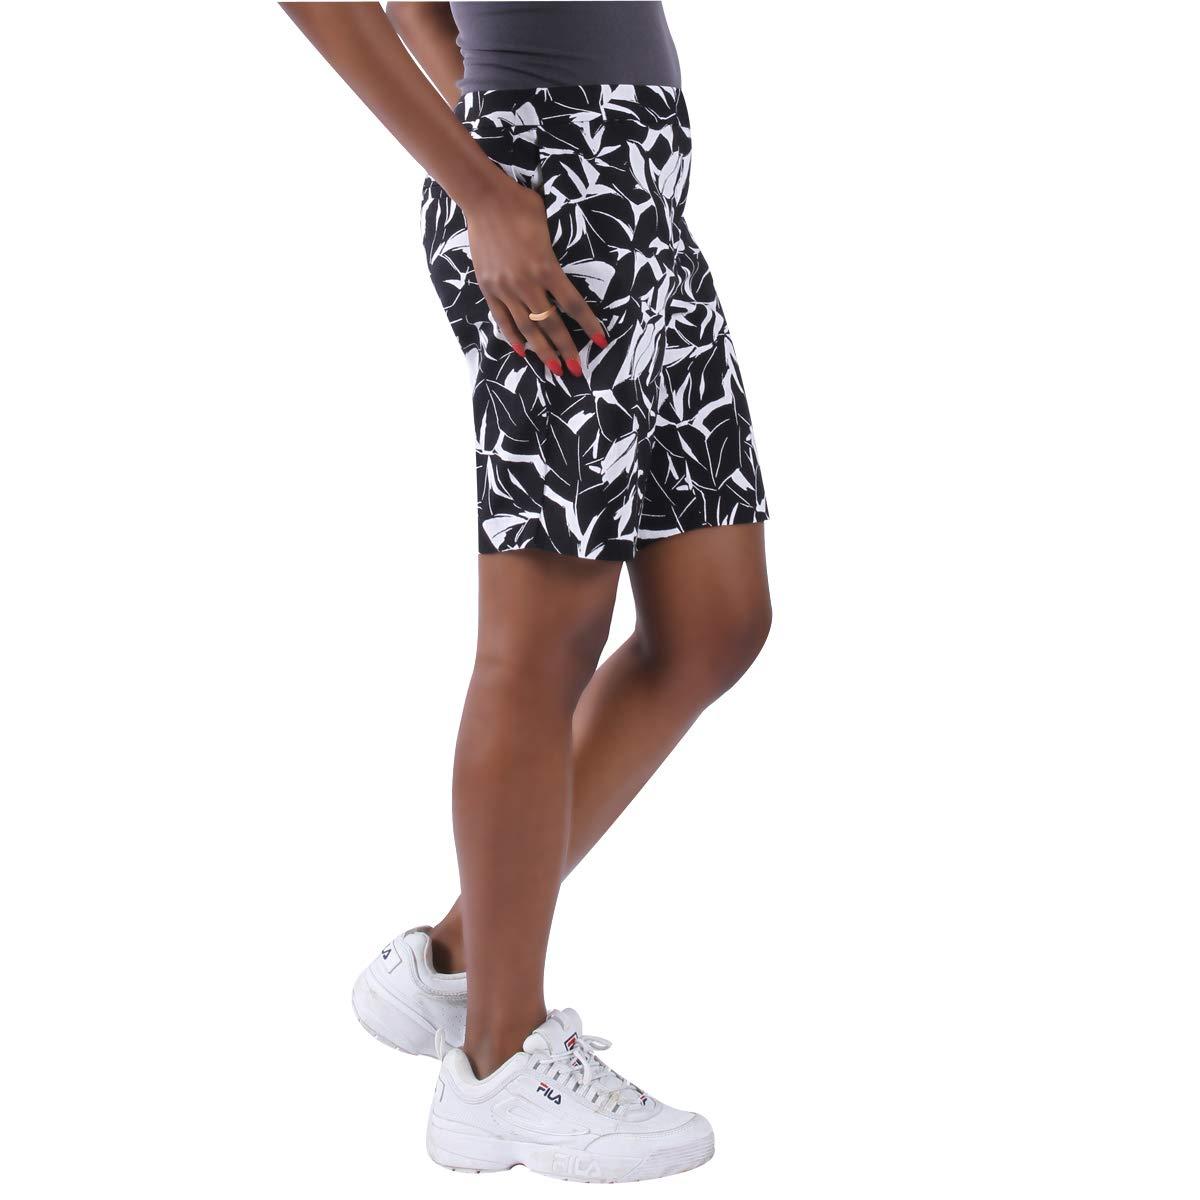 KELLY KLARK Women's Chino Shorts, Fashion Printed Elegant Casual Shorts, Size 10 by KELLY KLARK